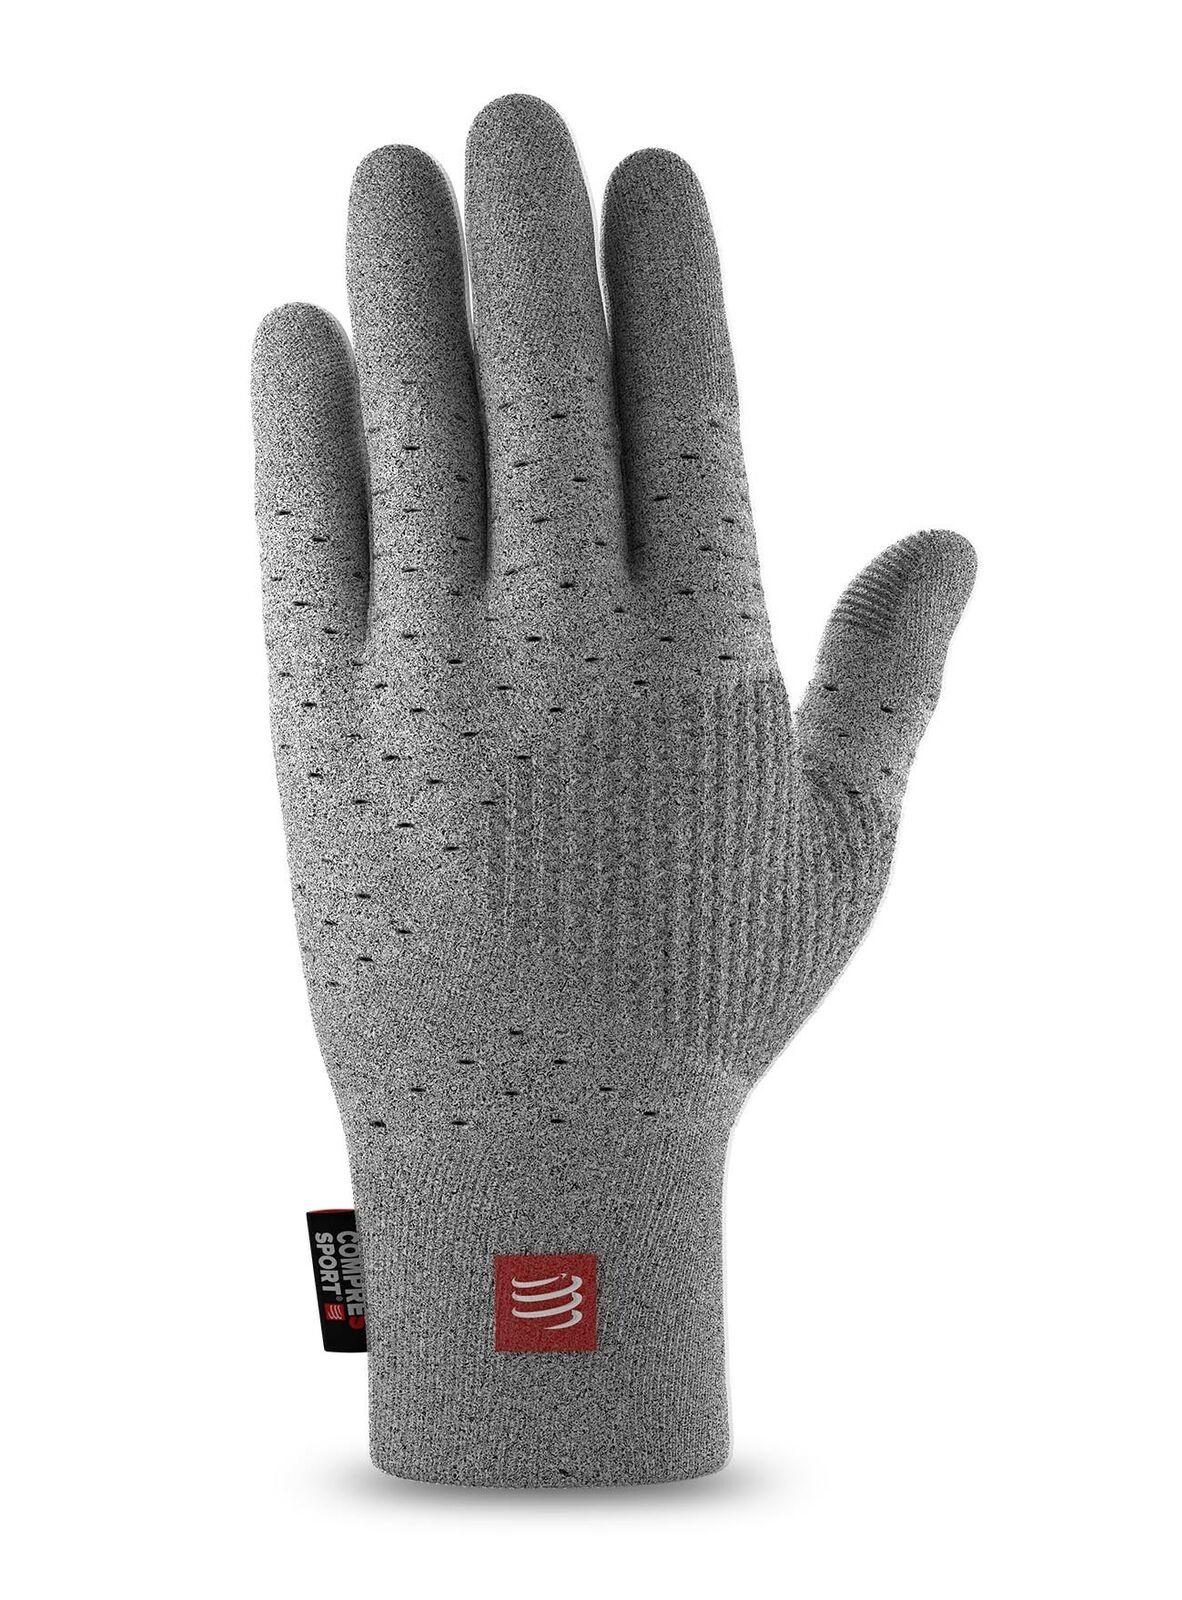 Compressport 3D Thermo Seamless Running Gloves Laufhandschuhe Run Run Run Handschuhe 534fc4